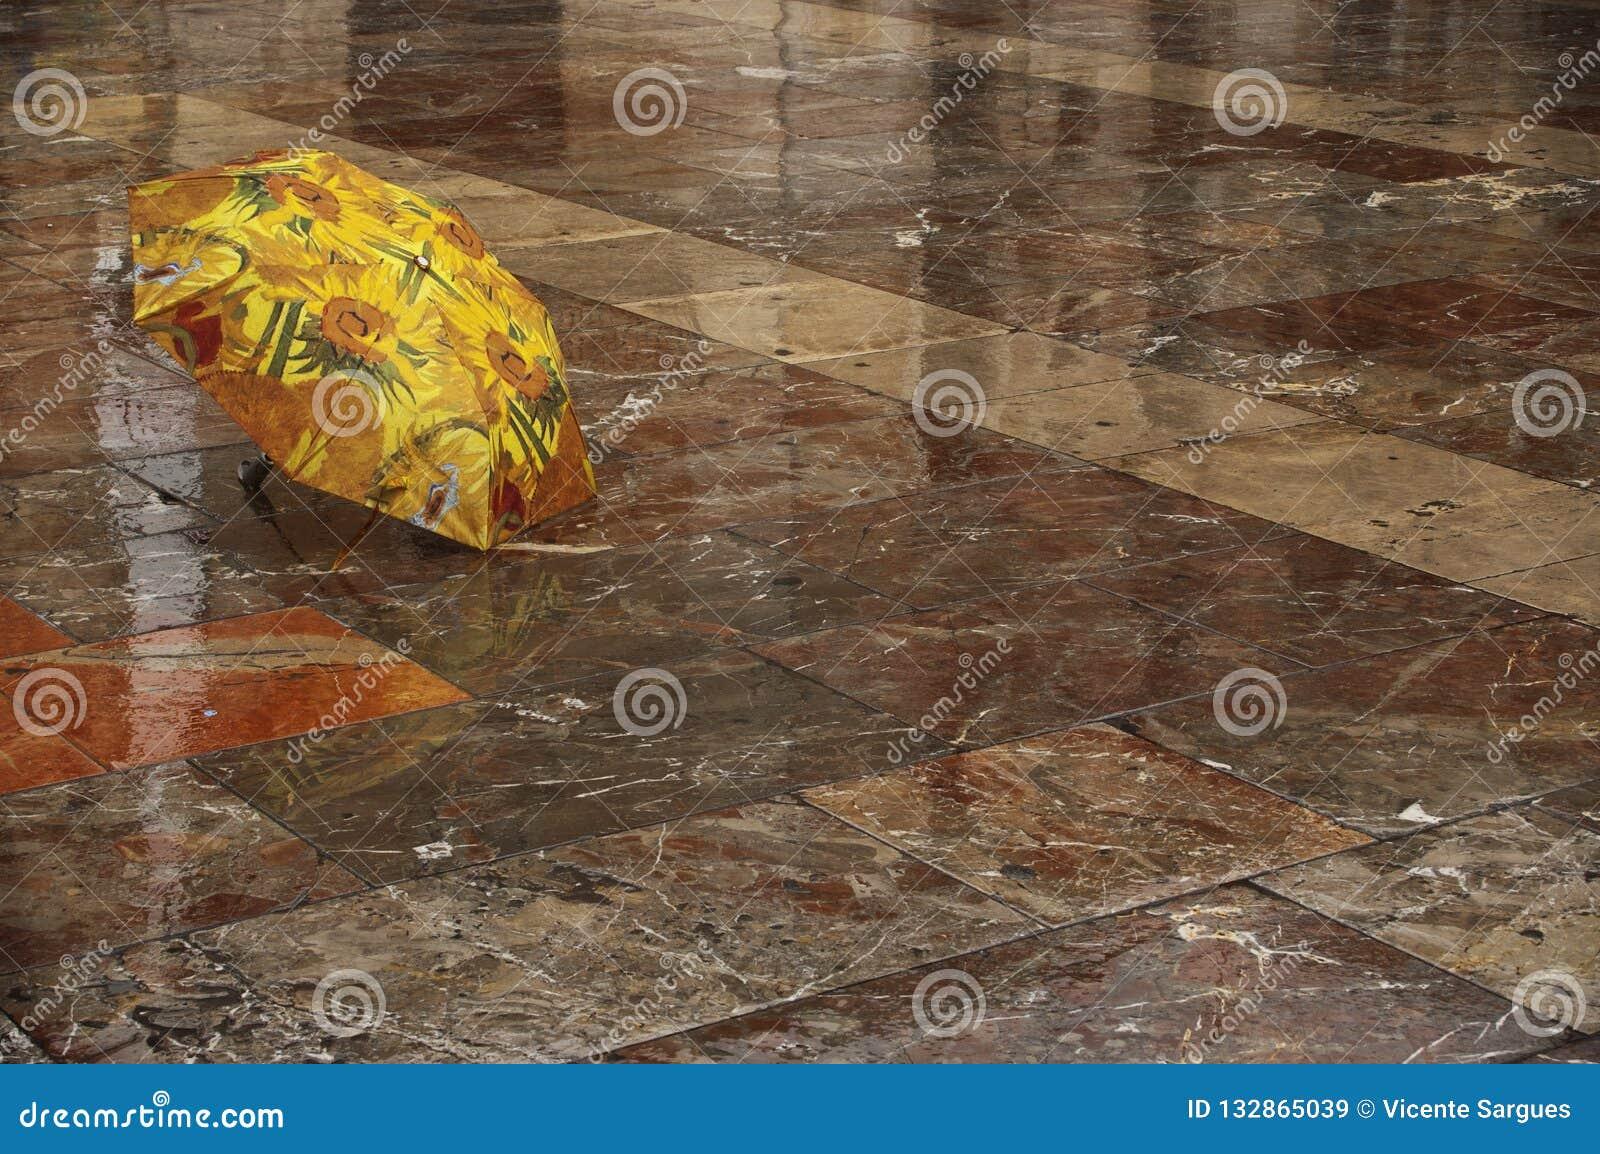 Umbrella on the wet floor